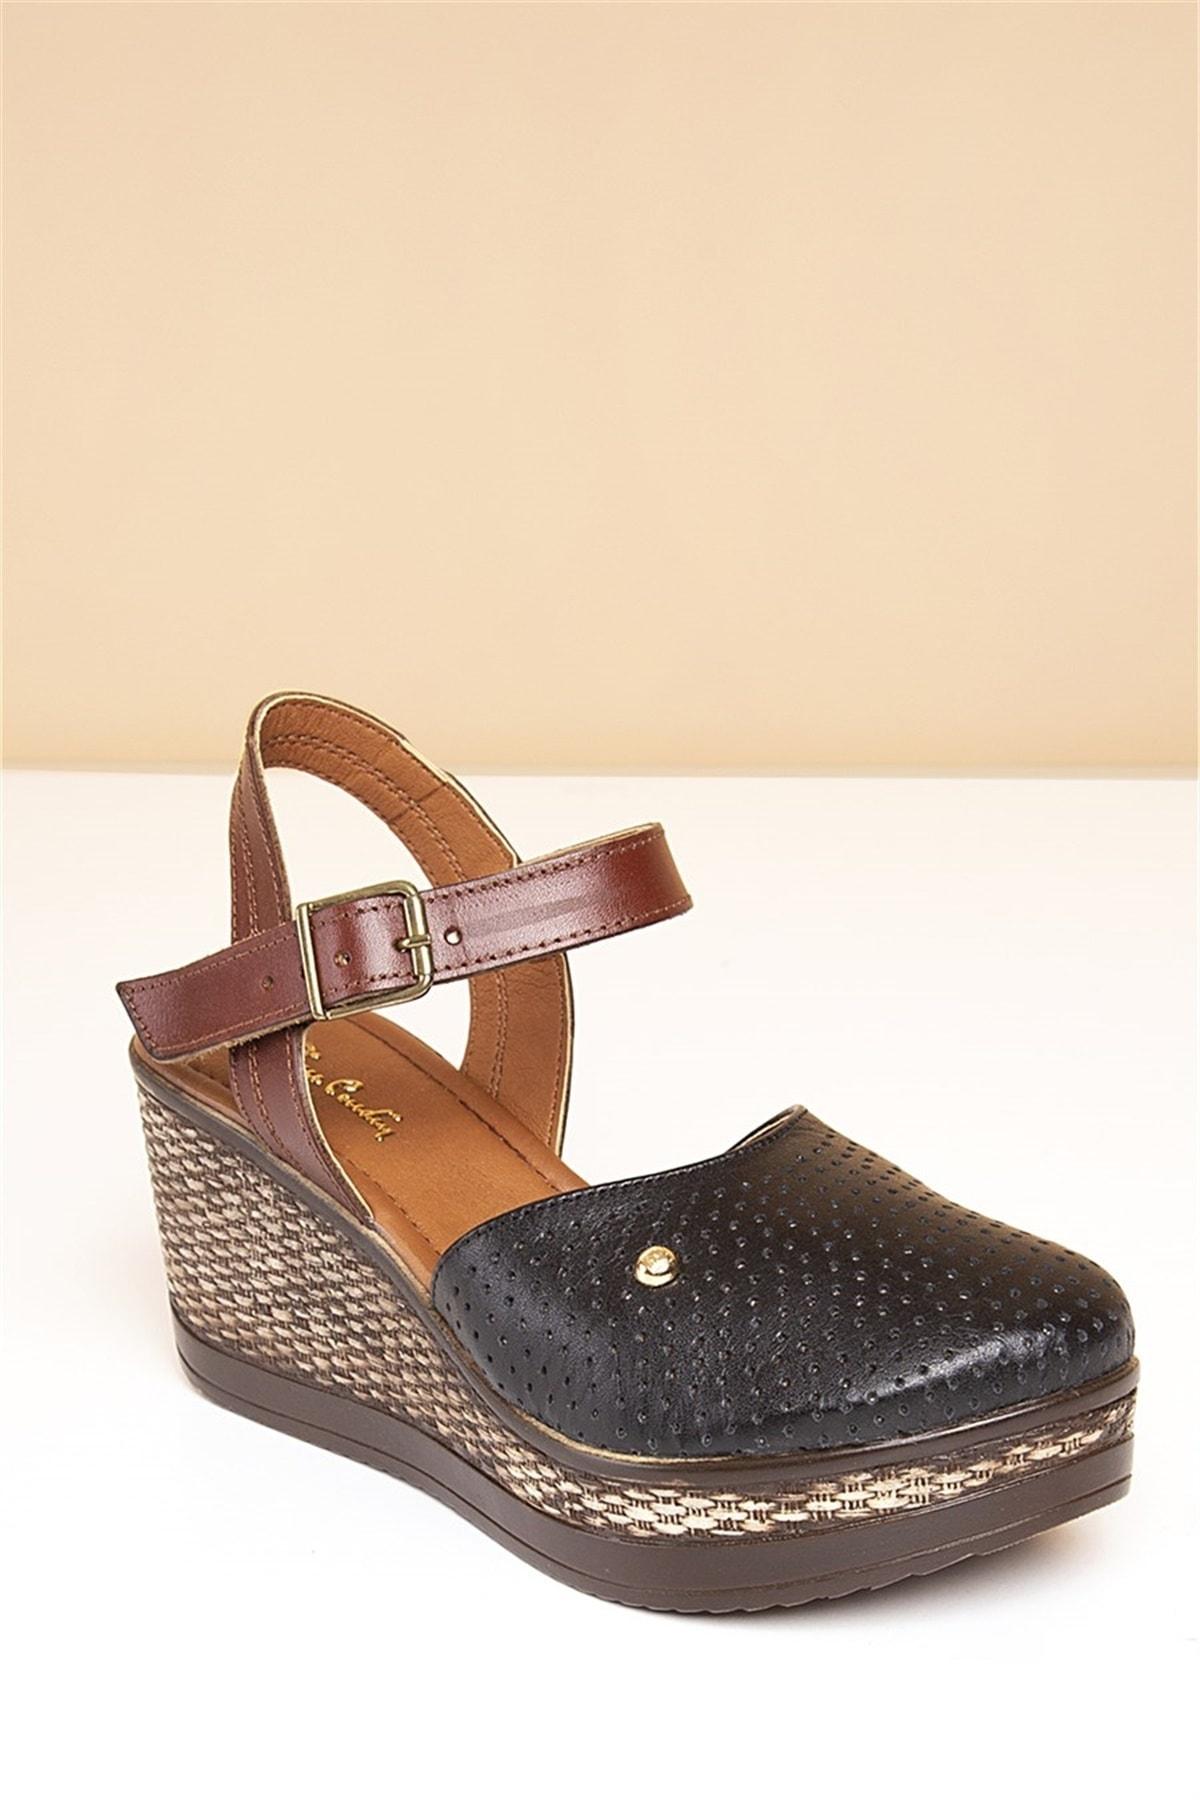 Pierre Cardin Pc-2392 Siyah Kadın Sandalet 1